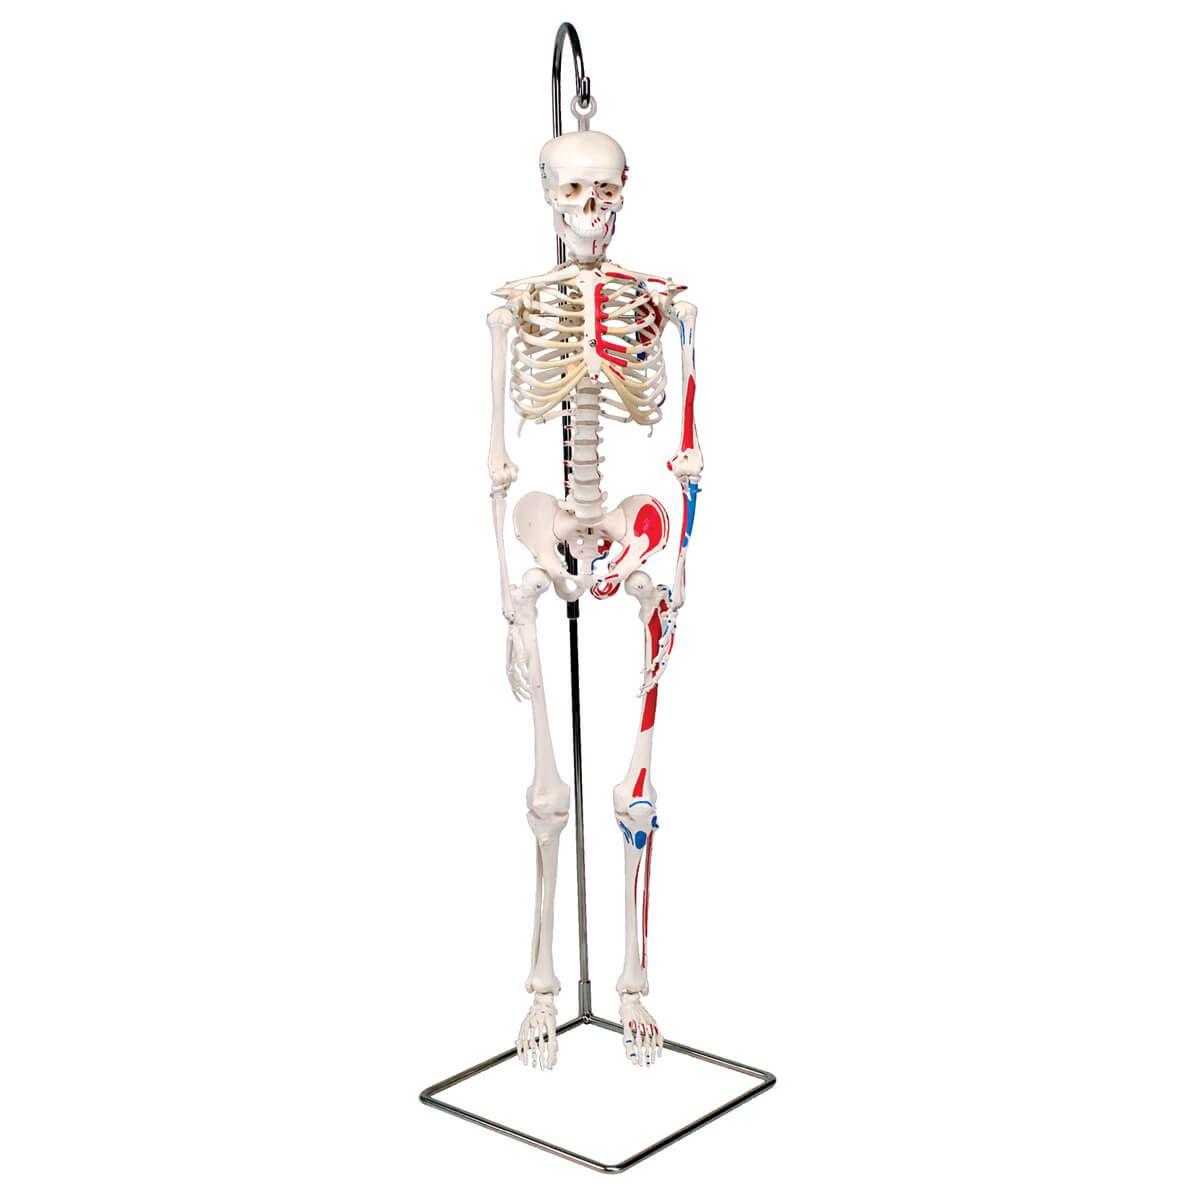 Mini Esqueleto ?shorty? com Músculos Pintados, Pendurado em Pé de Apoio